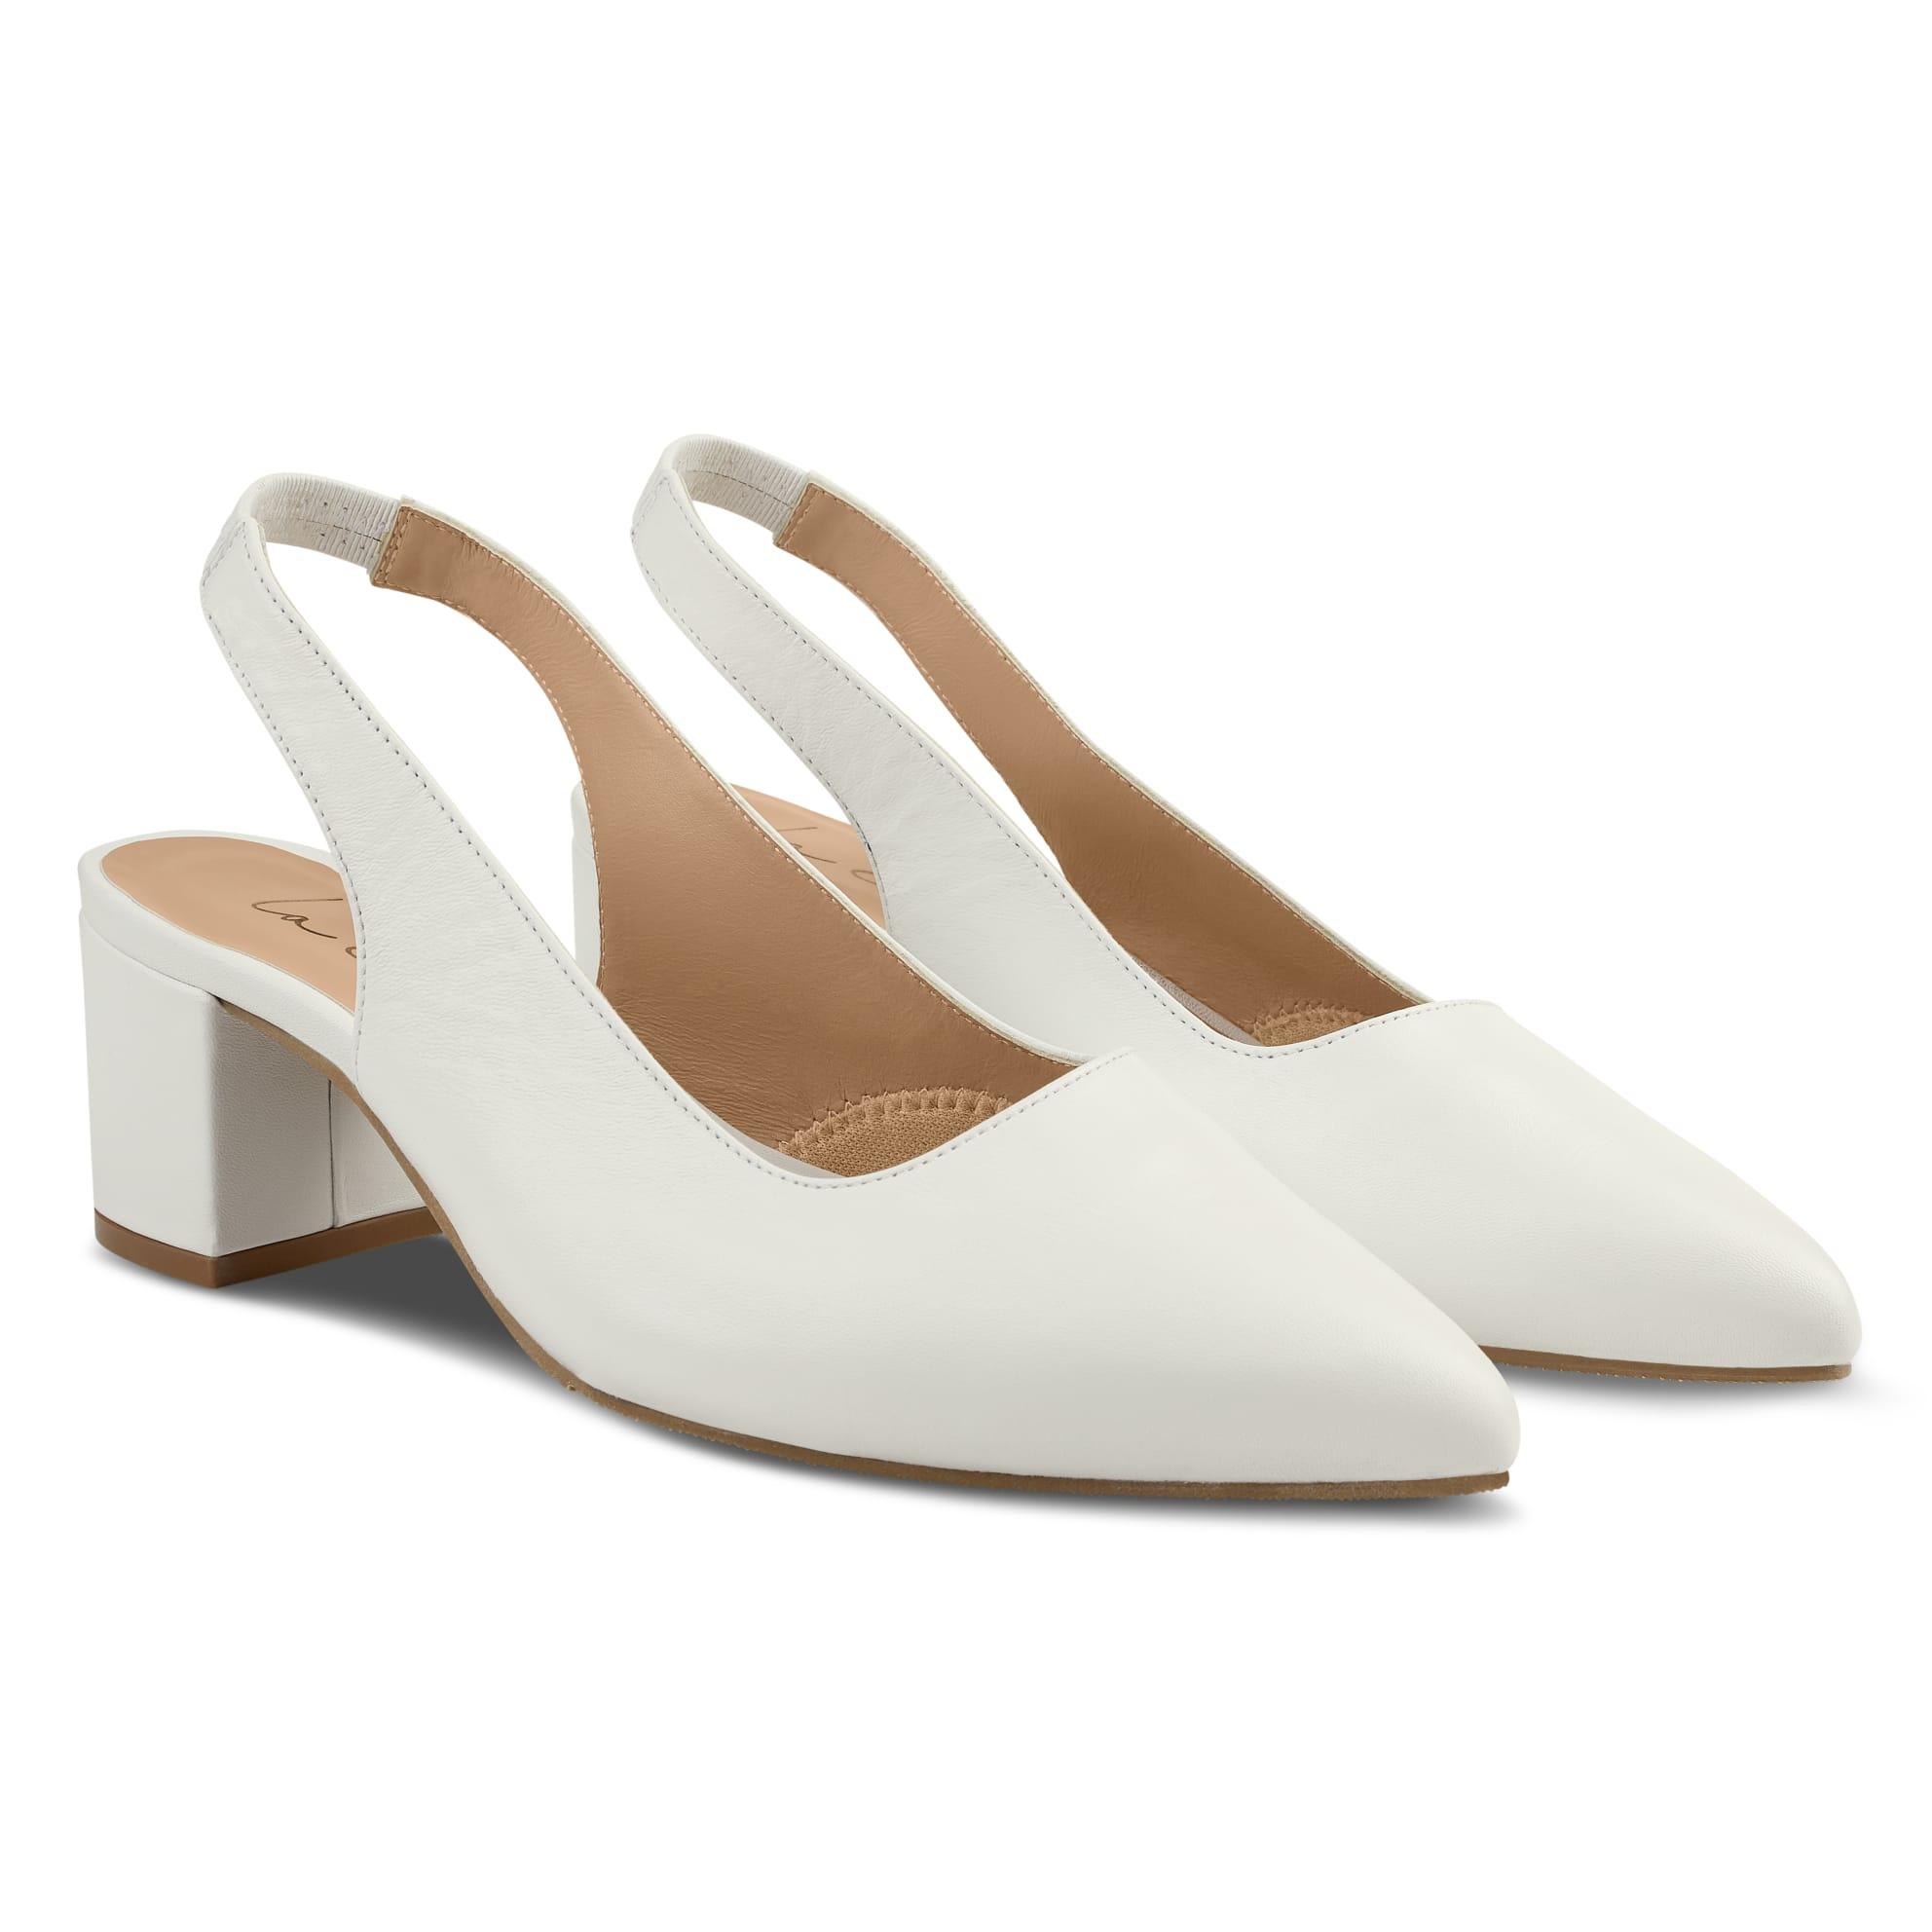 Sling Pumps Spitz Nappaleder Weiß – modischer und bequemer Schuh für Hallux valgus und empfindliche Füße von LaShoe.de